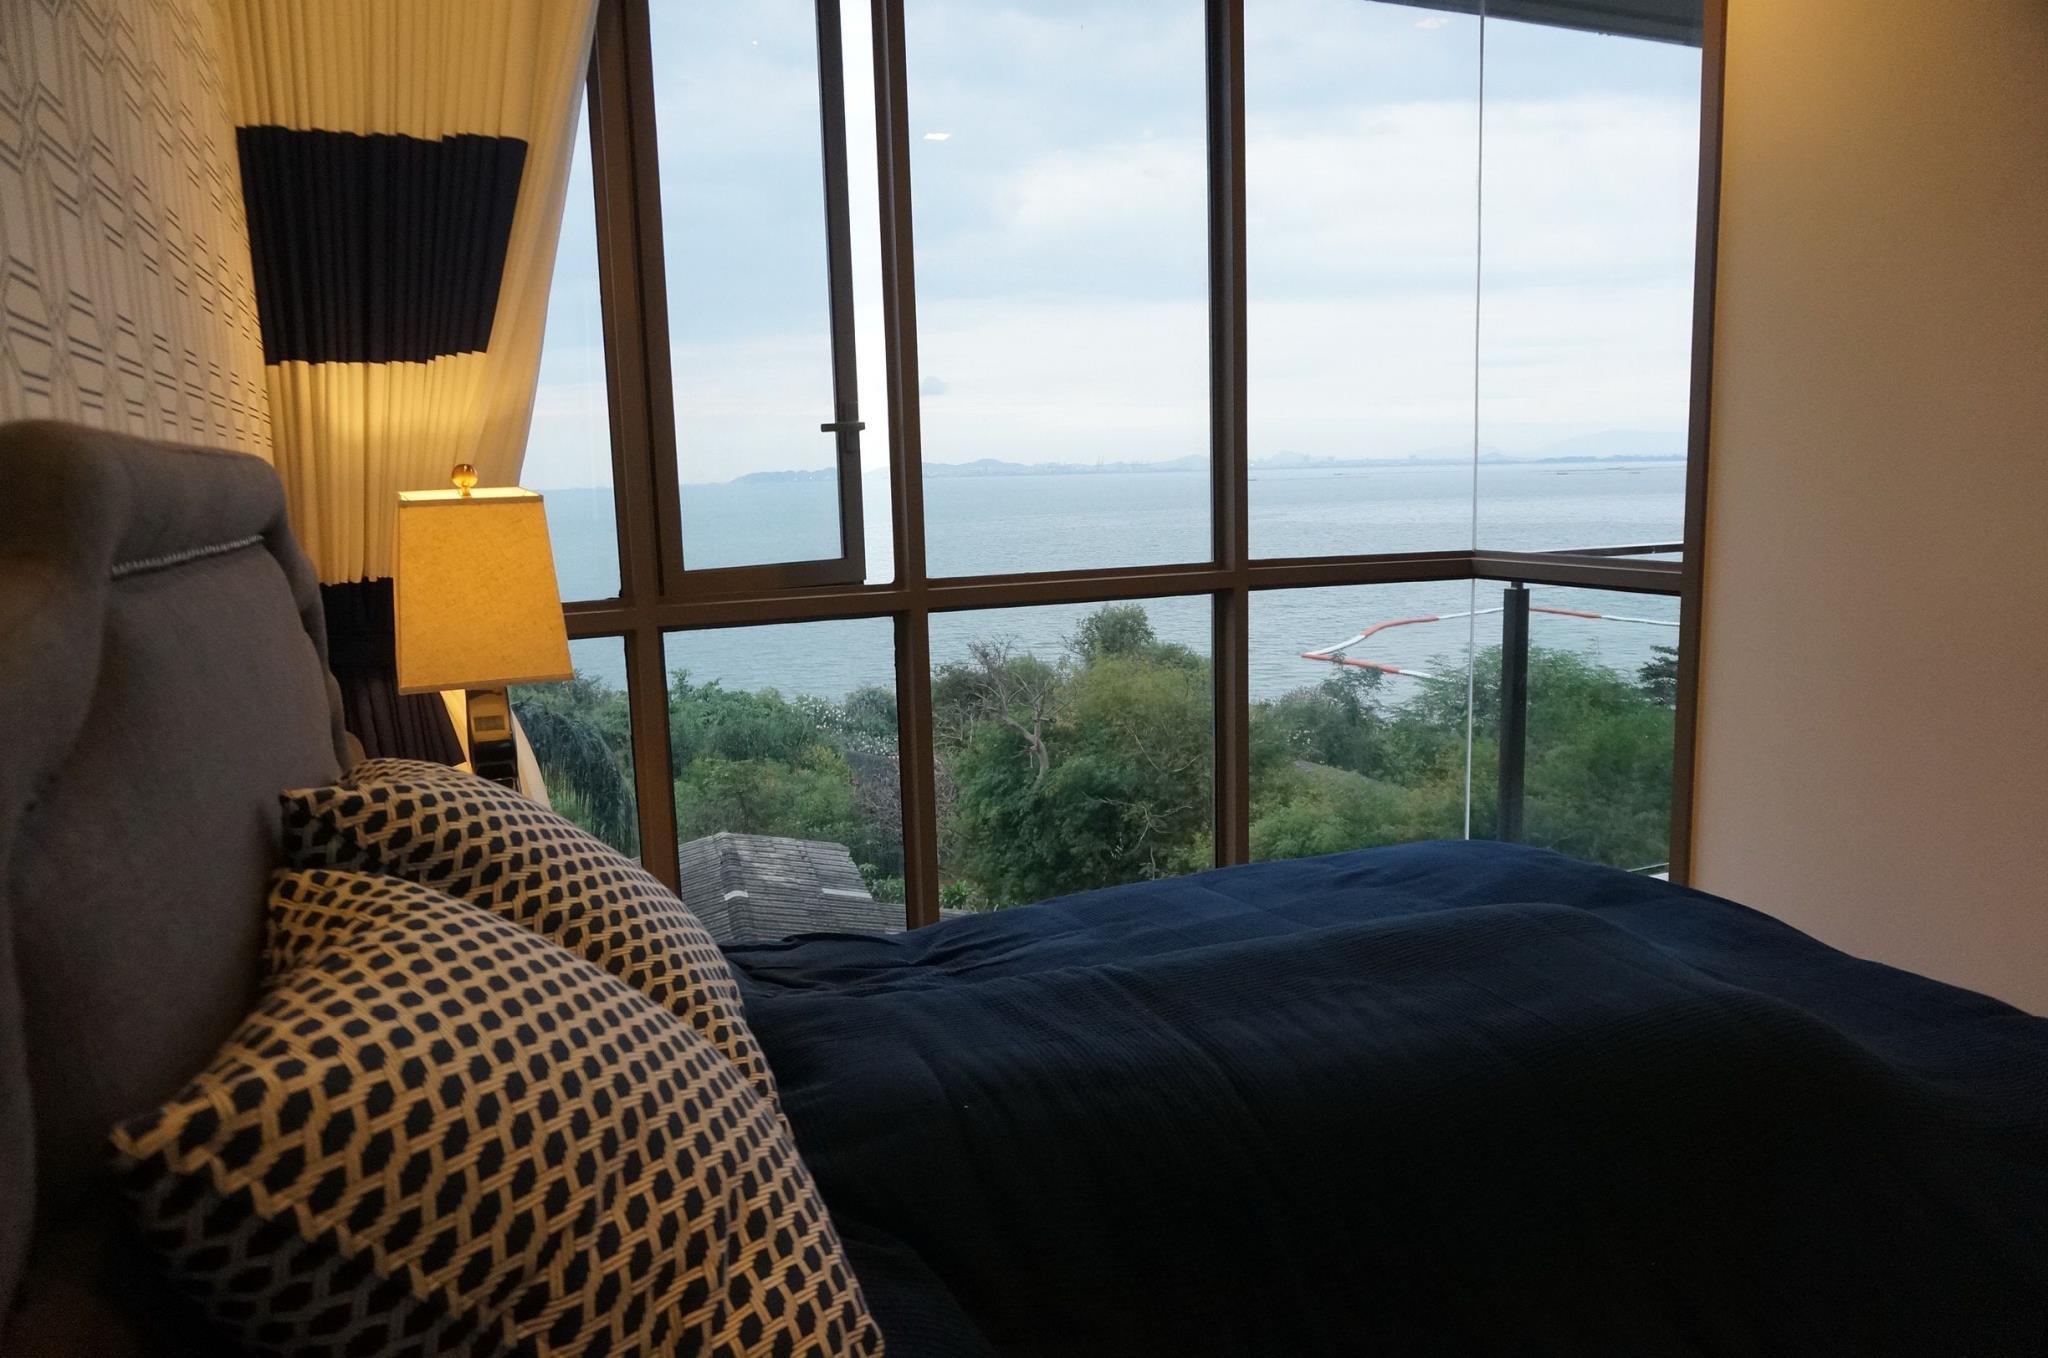 Baan Plai Haad Beachfront Condominium,บ้านปลายหาด บีชฟรอนต์ คอนโดมีเนียม